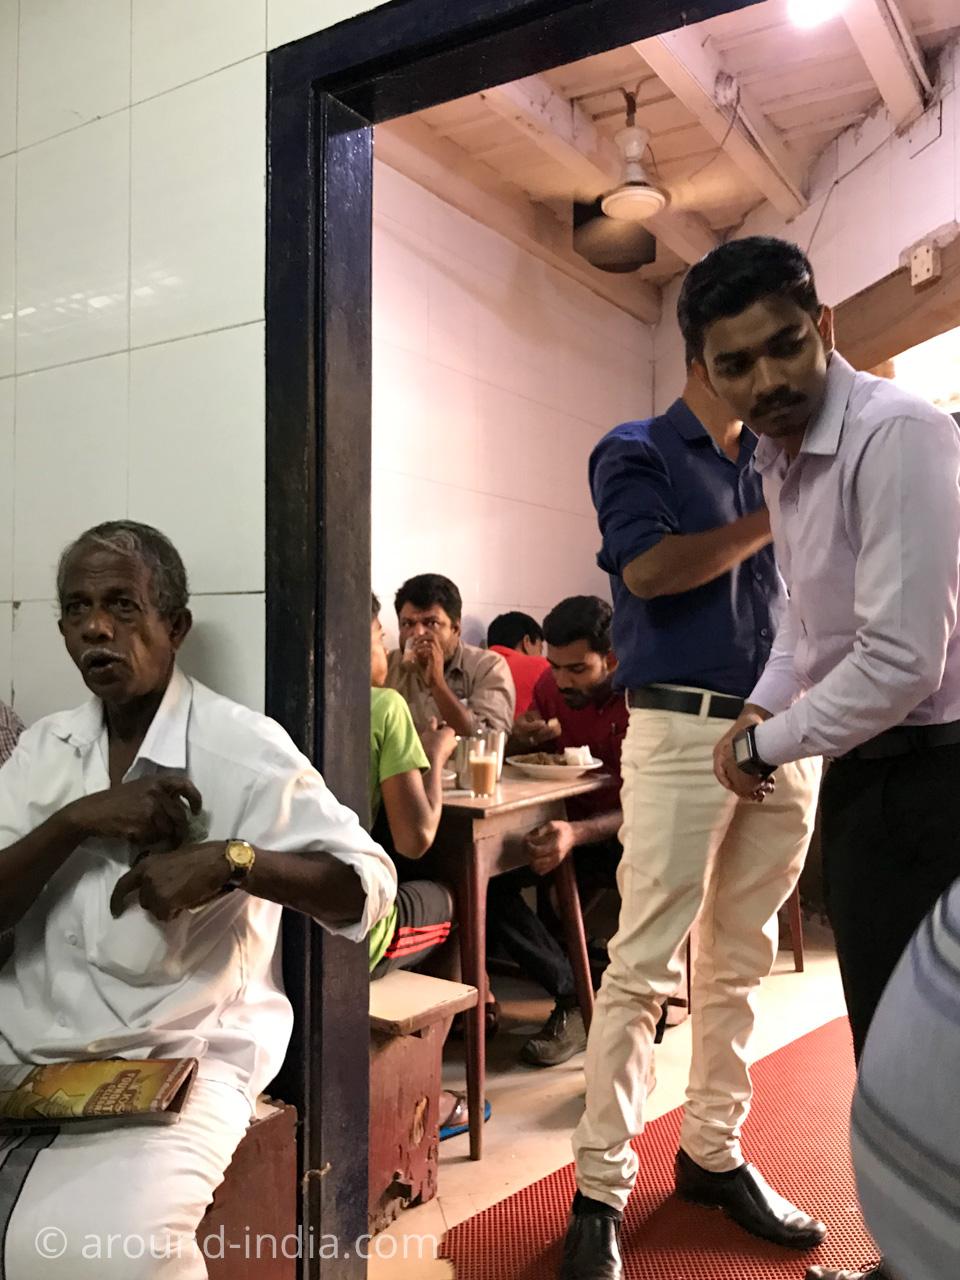 ケララ伝統料理食堂Onakkan Bharati混み合う店内